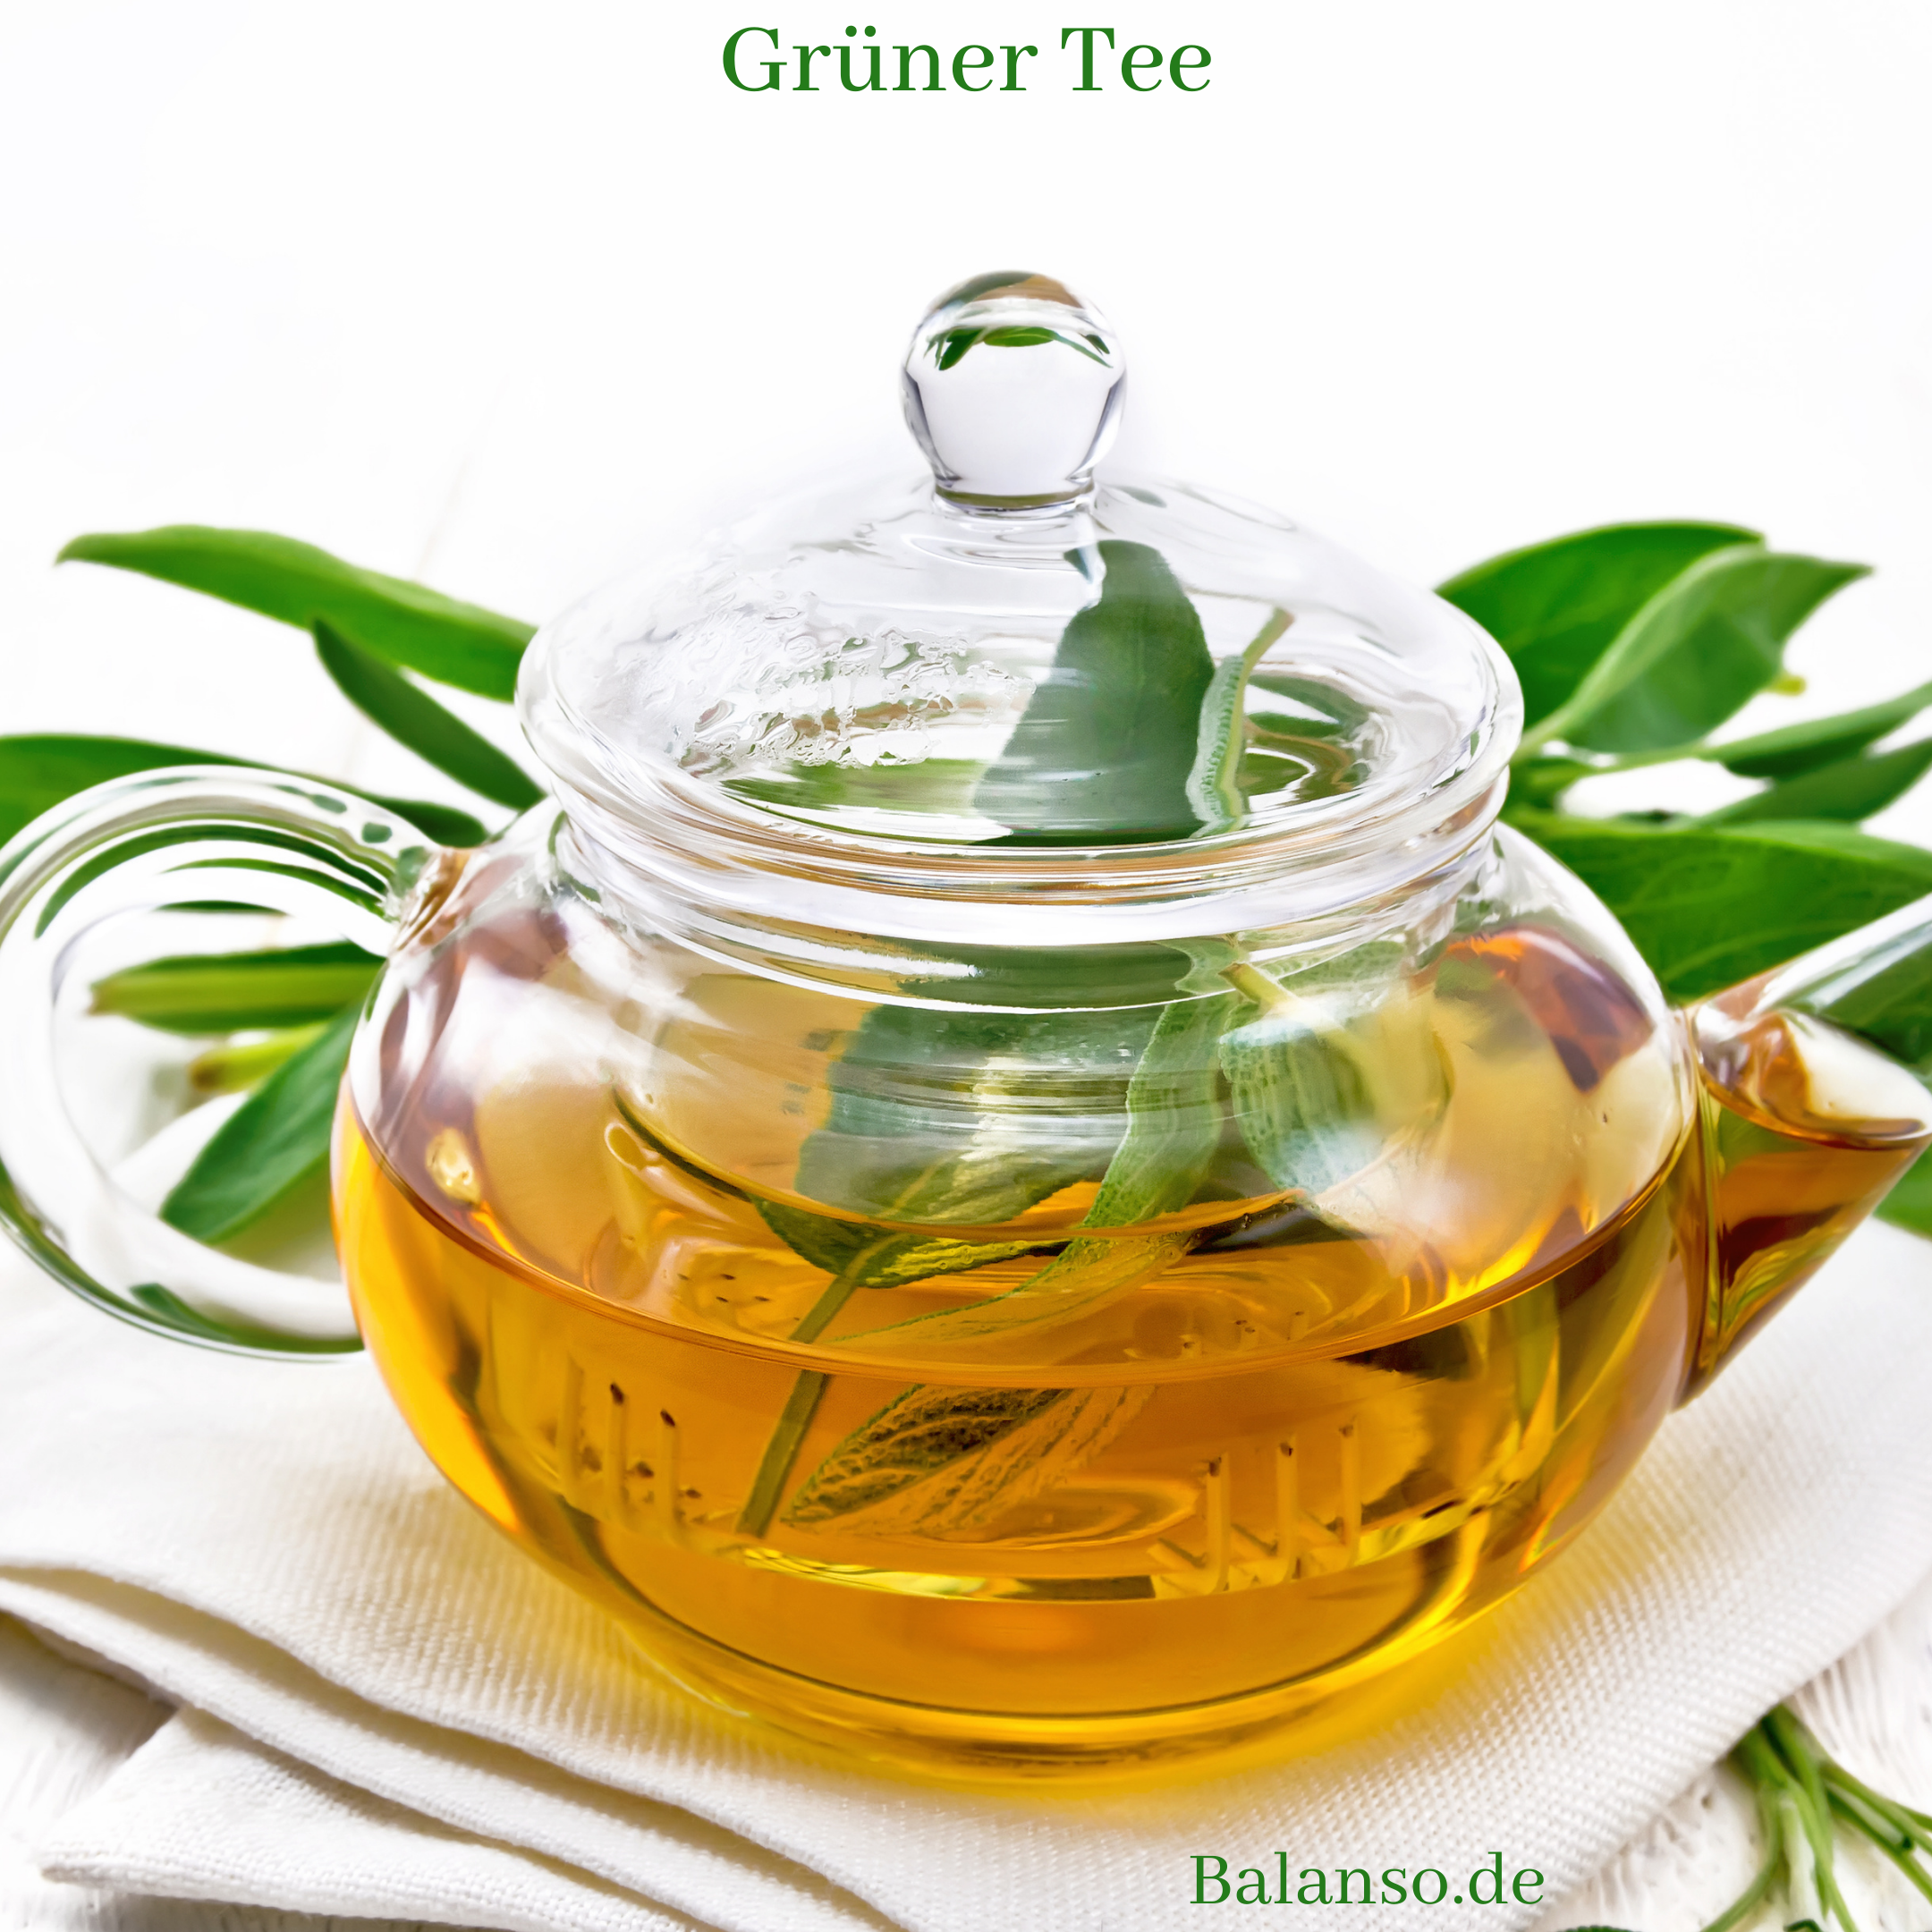 Grüner Tee – Die magischen Blätter zum Entschlacken